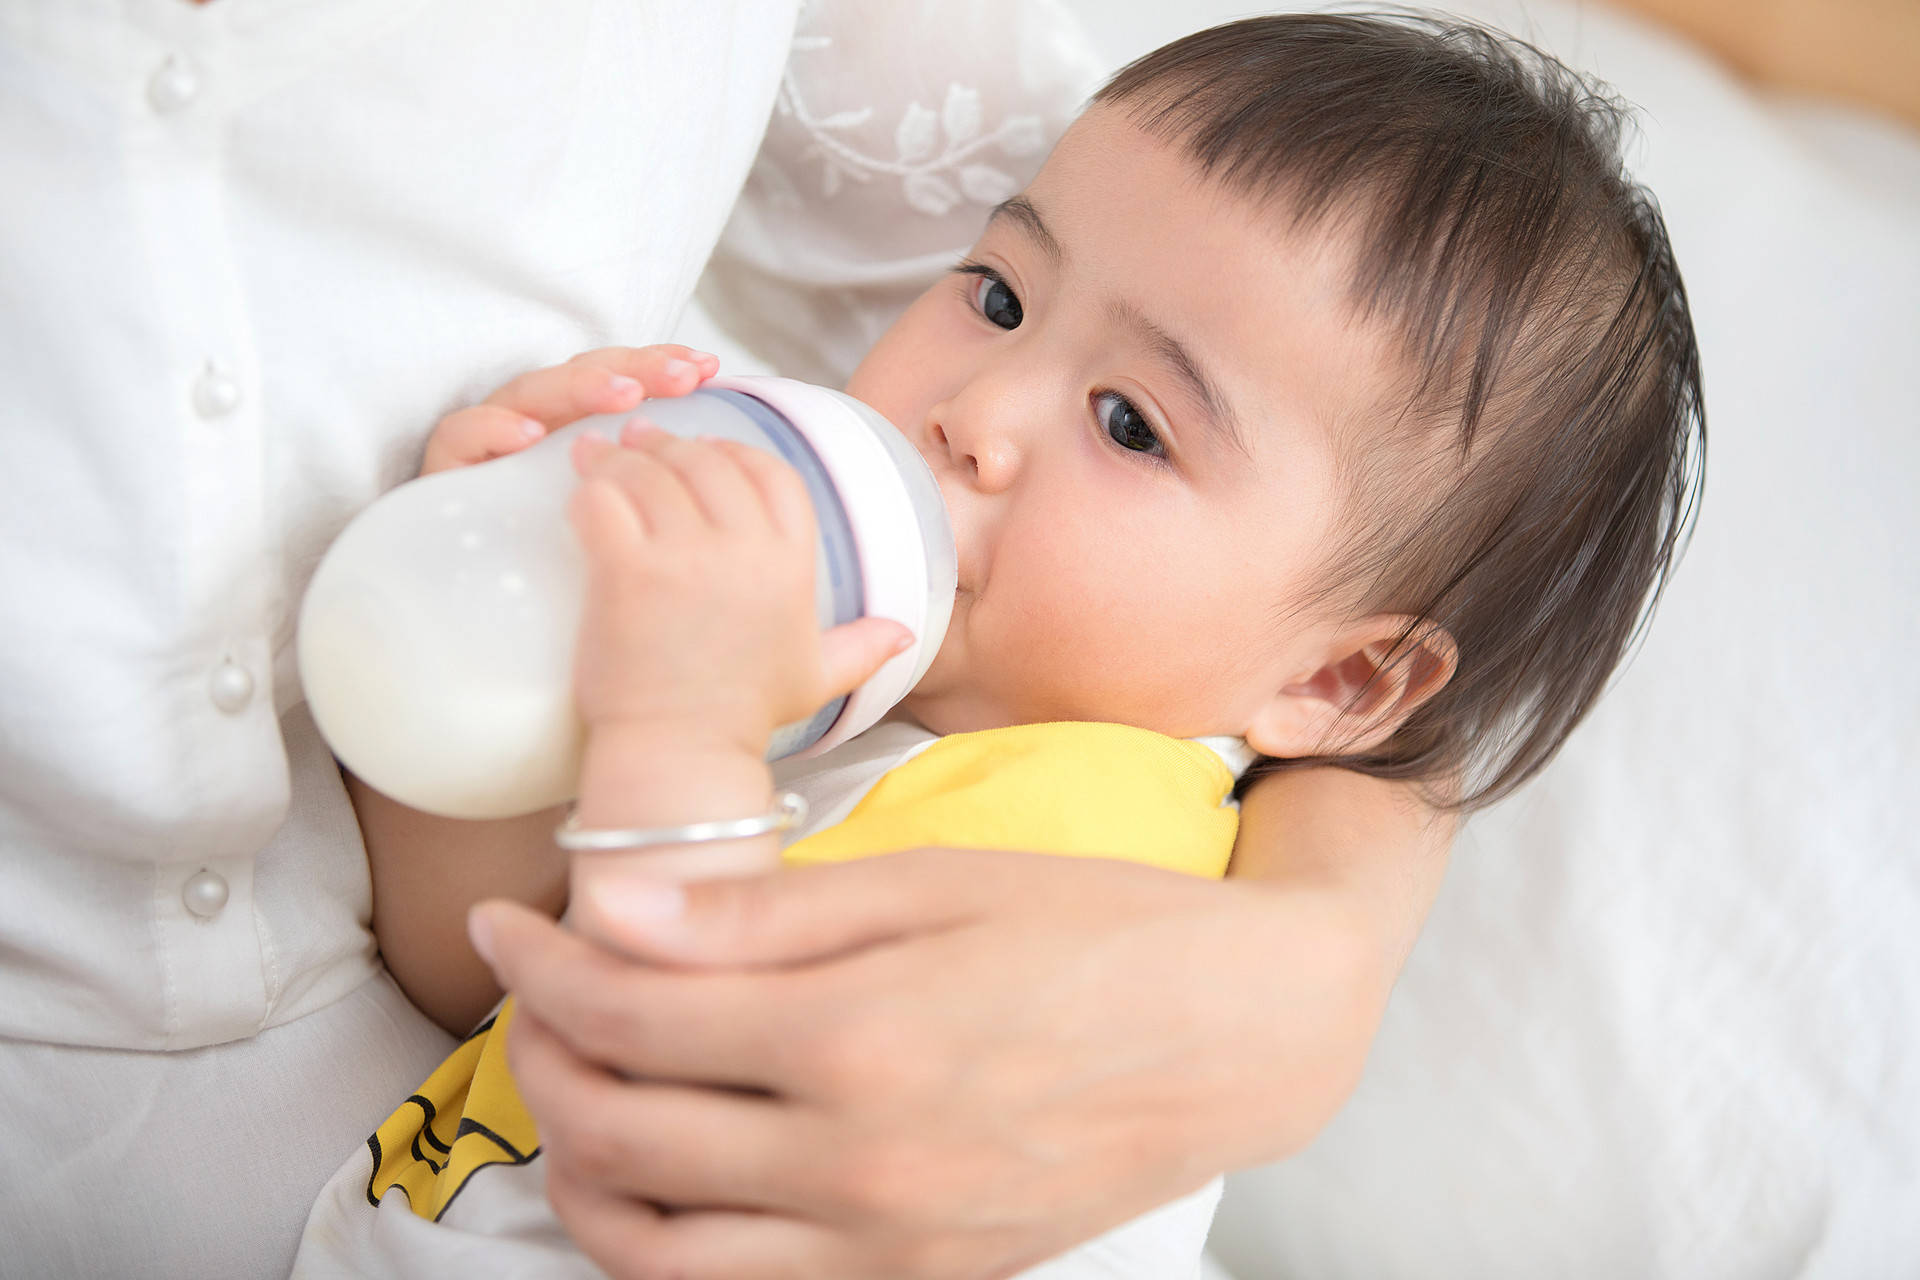 宝宝百天身体变化大,掌握四个养育要点,让孩子长得快少生病  第3张